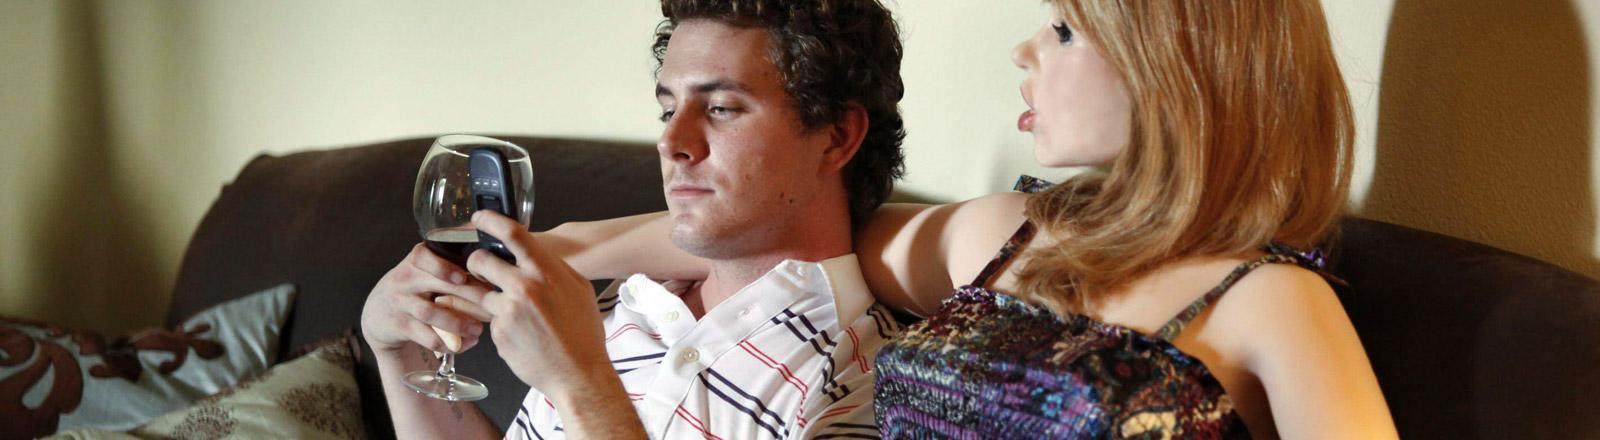 Ein Mann sitzt mit einem Sexroboter auf einer Couch